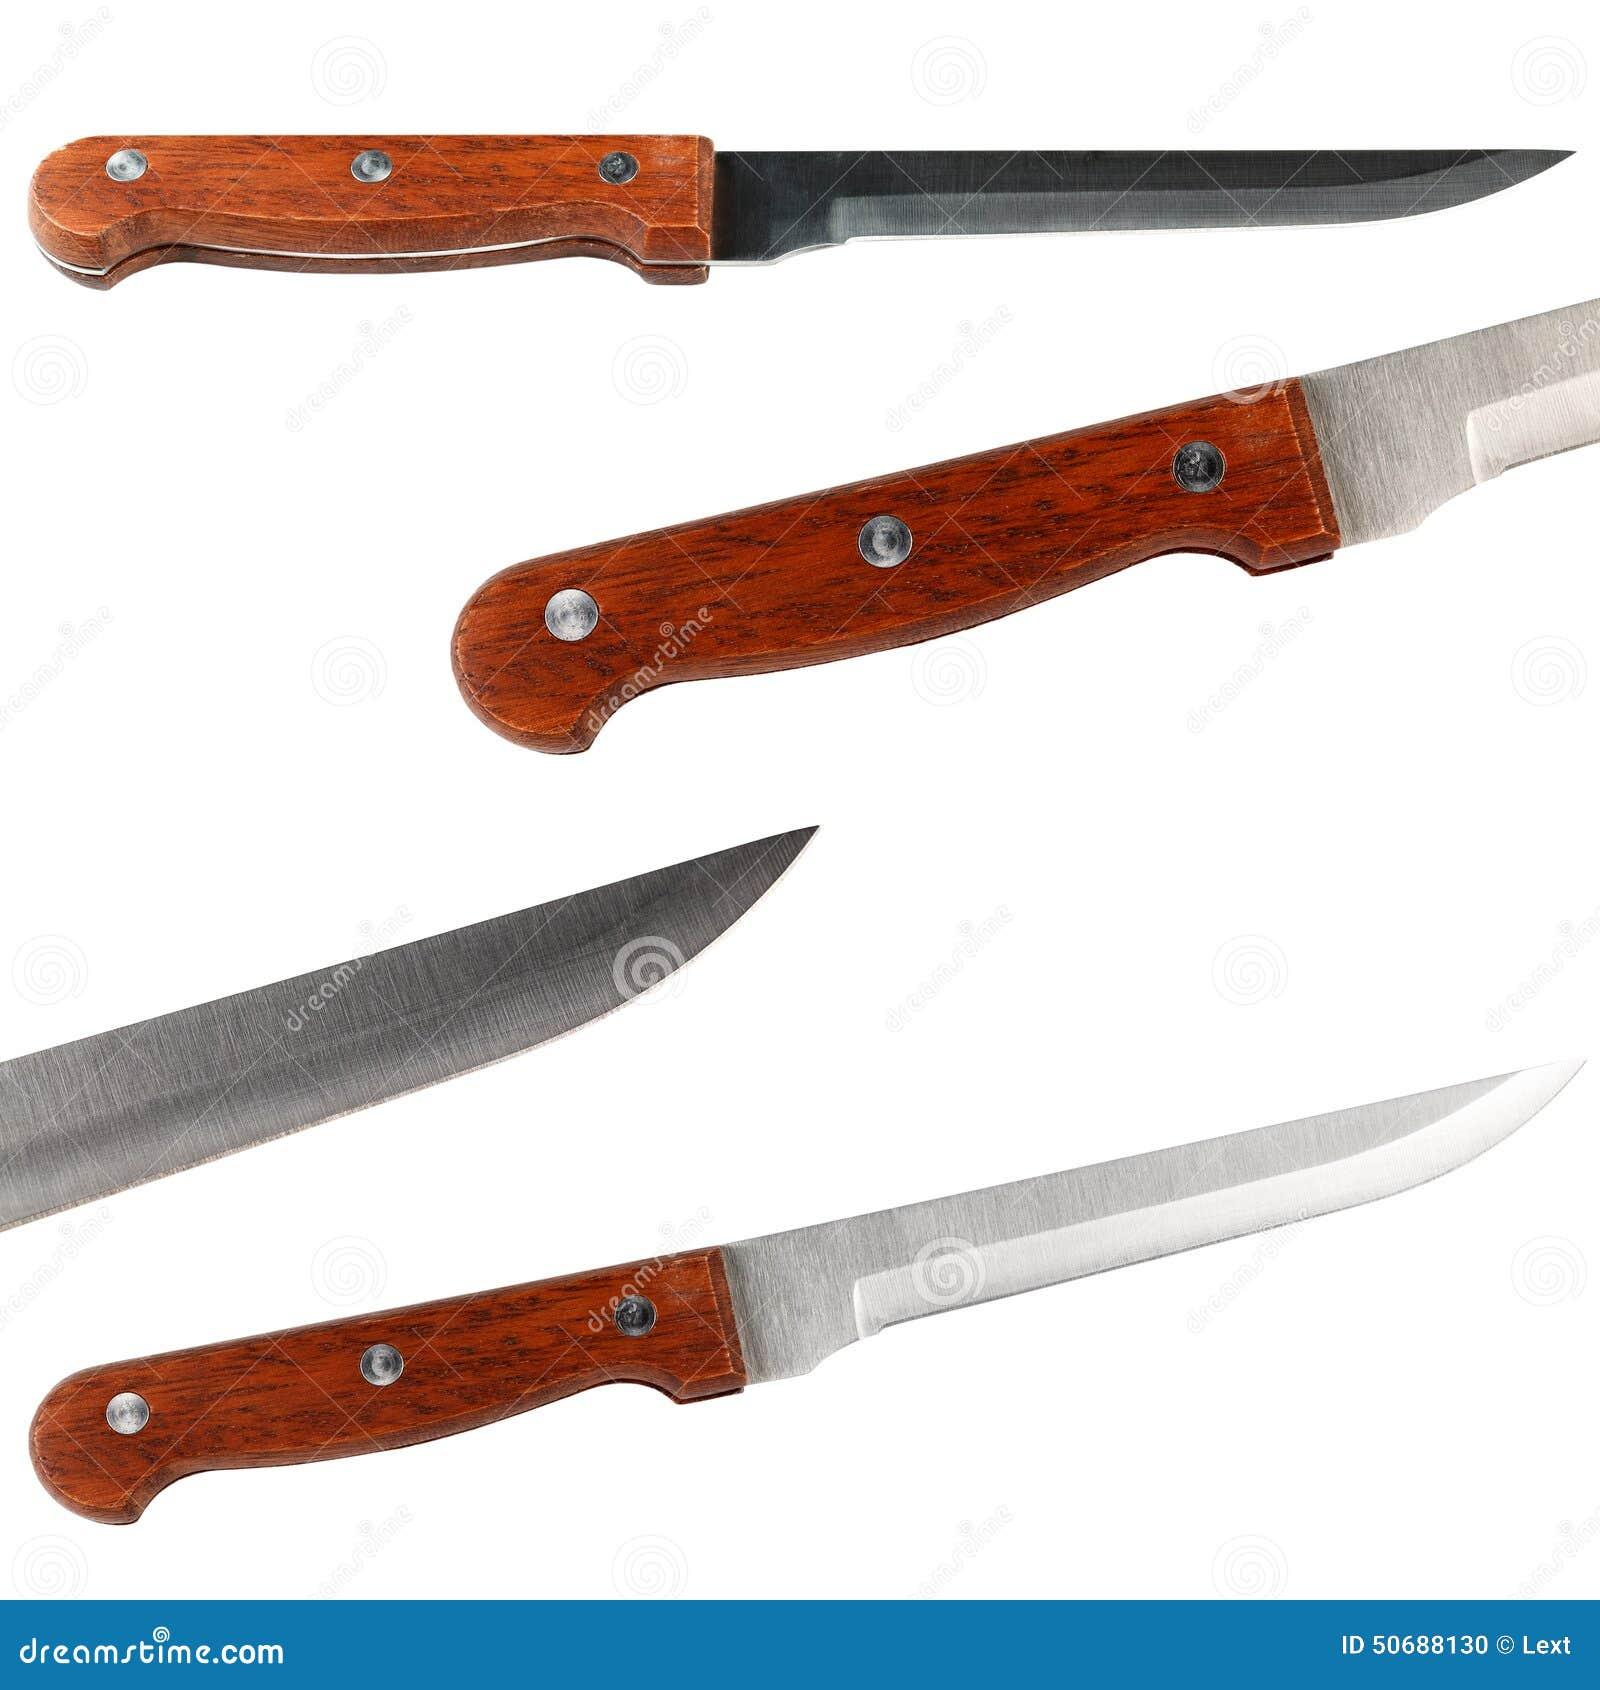 Download 套厨刀的元素 库存照片. 图片 包括有 器物, 主厨, 柏油的, 厨房, 查出, 剪切, 刀子, 金属, 背包 - 50688130